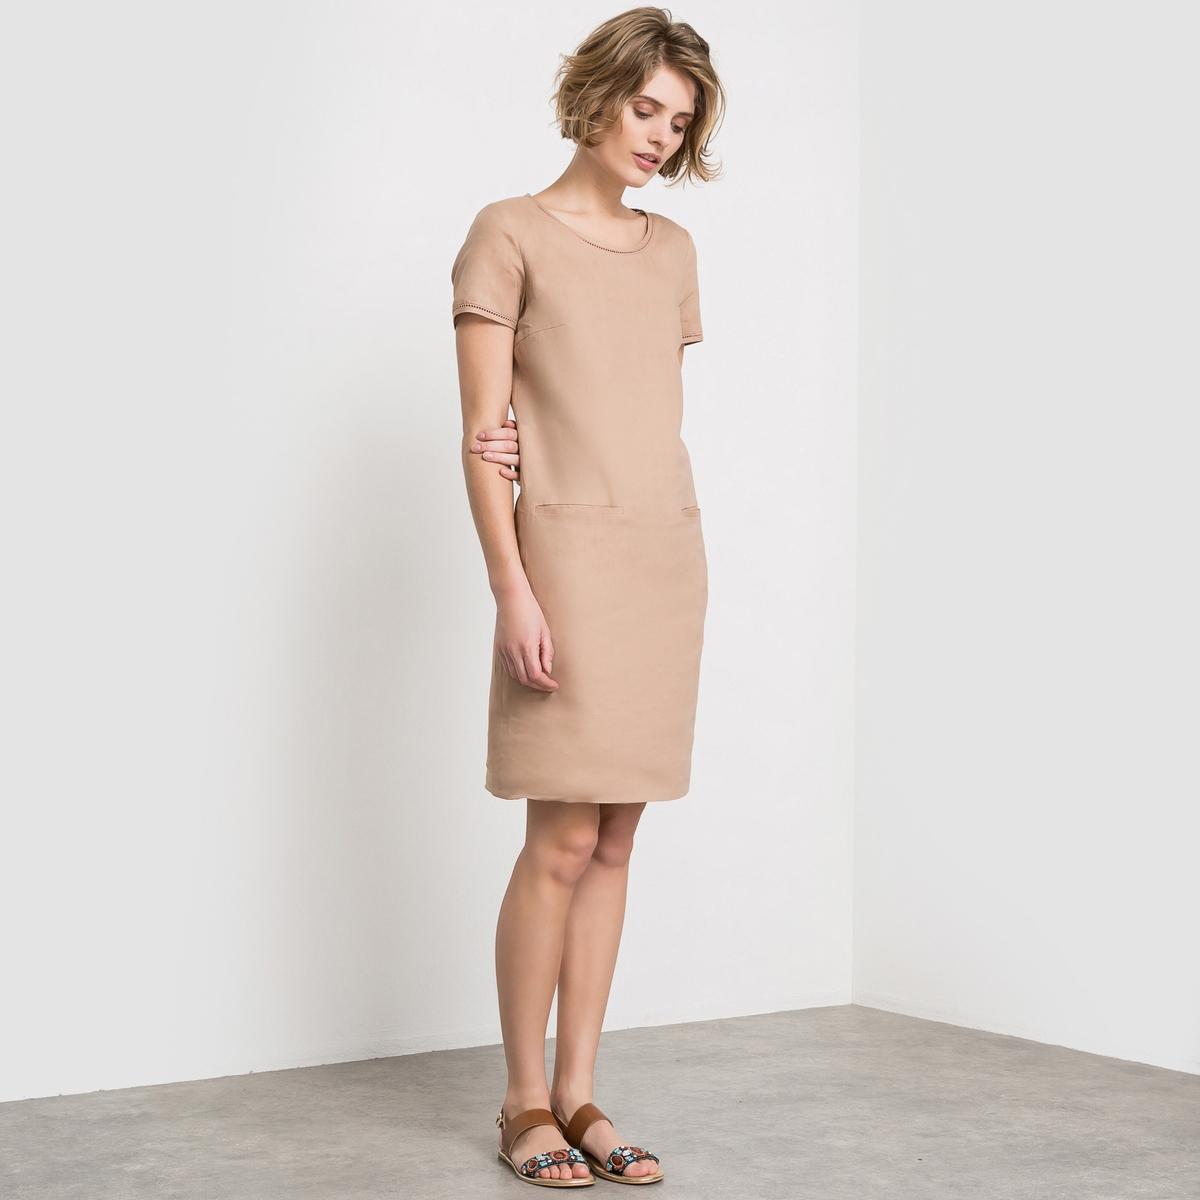 Платье с короткими рукавами из льнаПлатье с короткими рукавами из льна. Отделка мережкой по вырезу. 2 кармана спереди.  Короткие рукава. Круглый вырез. Прямой покрой.Состав и описание :Материал : 100% льна. Подкладка 100% хлопкаДлина : 115 смУход:Машинная стирка при 30 °С . Машинная стирка с изнаночной стороны с вещами схожих цветов. Гладить с изнаночной стороны. Машинная сушка запрещена.<br><br>Цвет: белый<br>Размер: 36 (FR) - 42 (RUS)